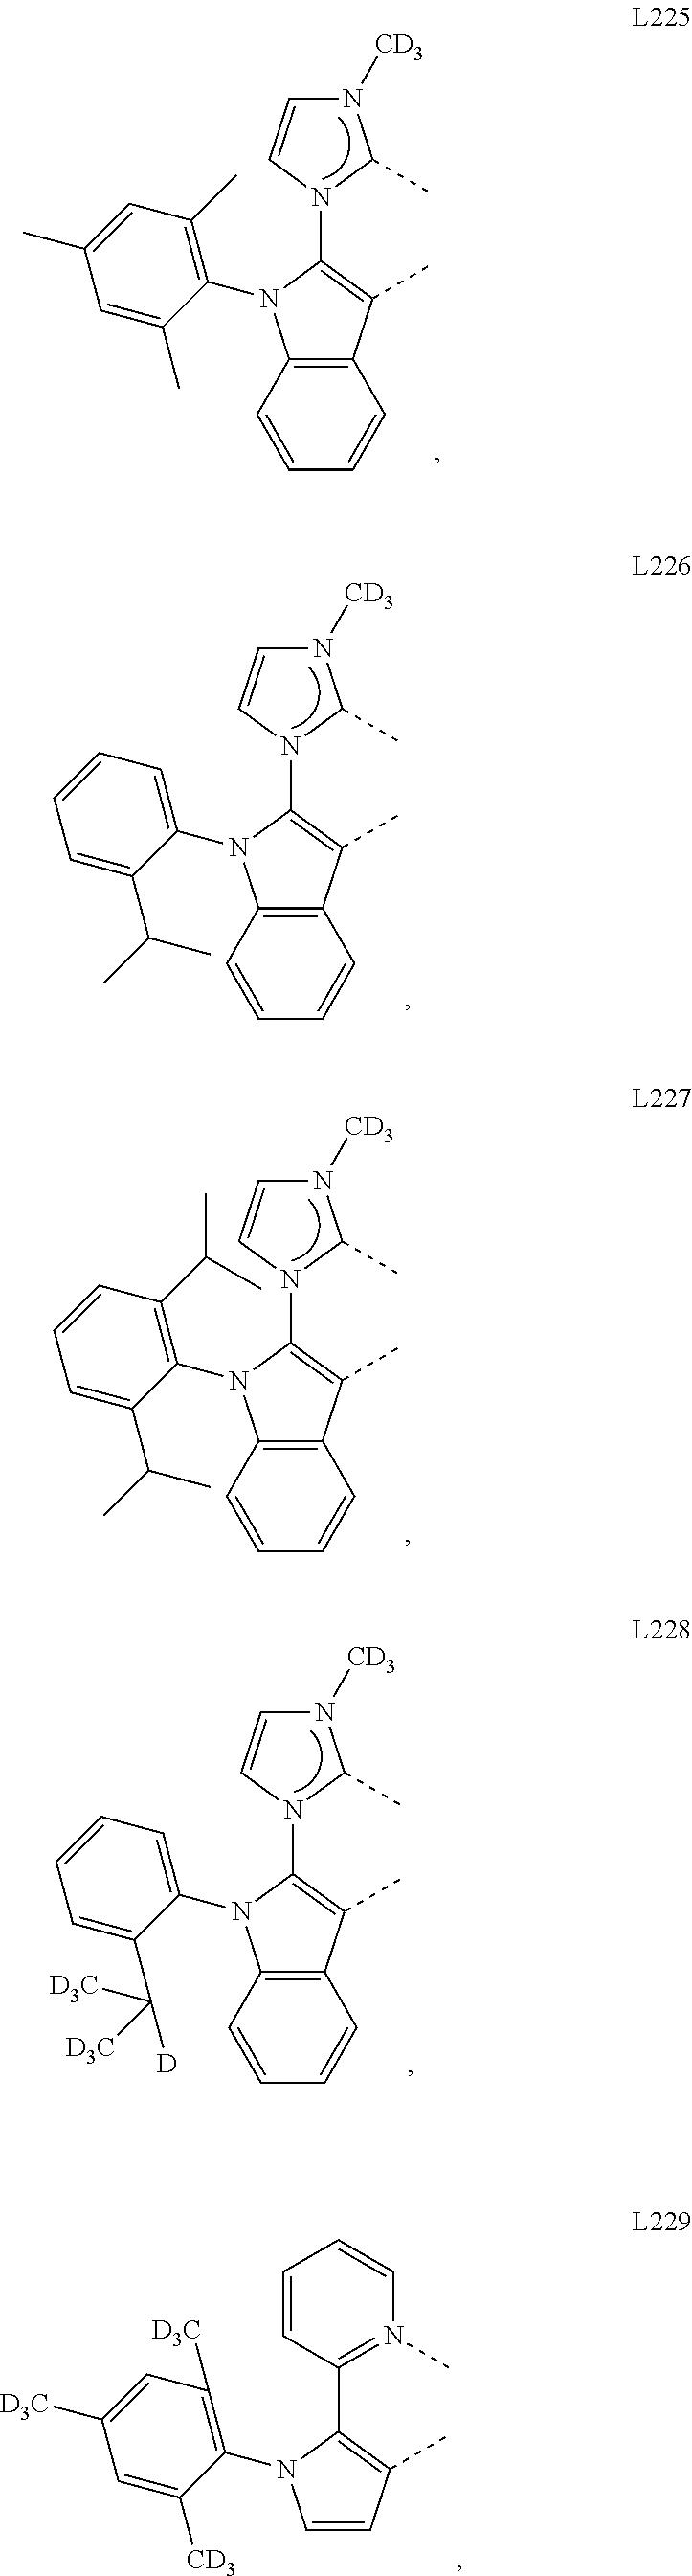 Figure US09935277-20180403-C00051